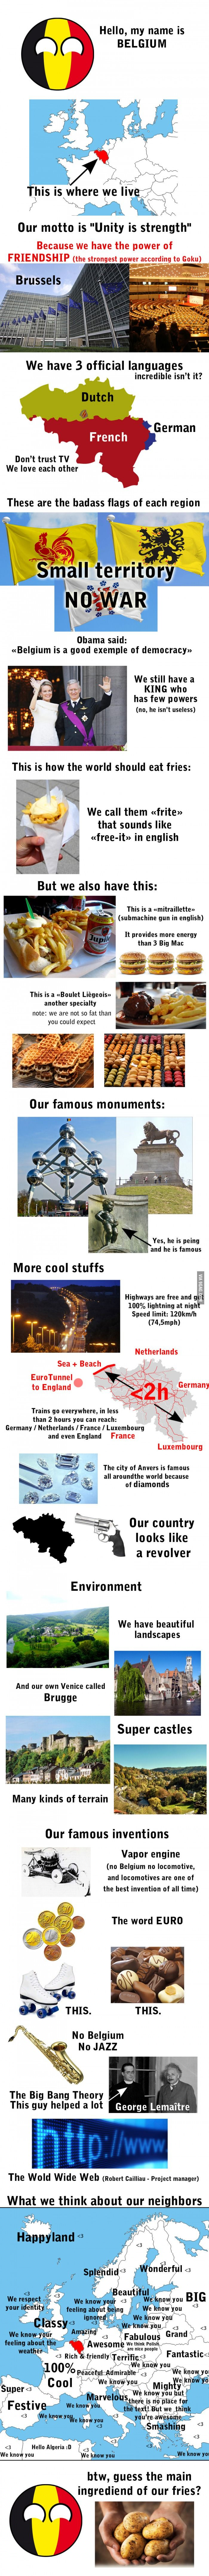 Greetings from Belgium